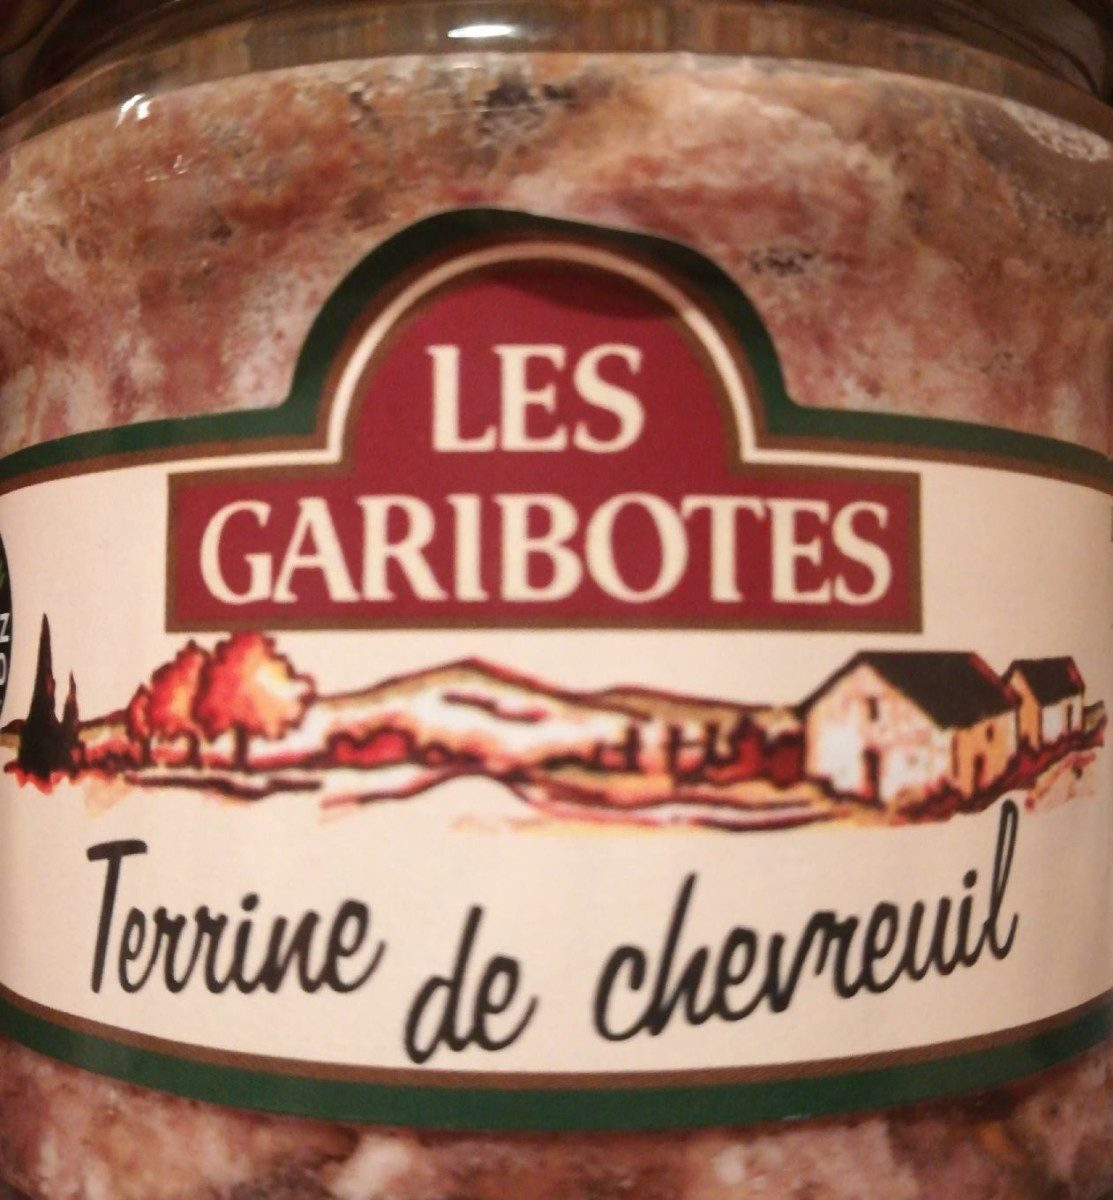 Terrine de chevreuil les Garibotes is - Produit - fr